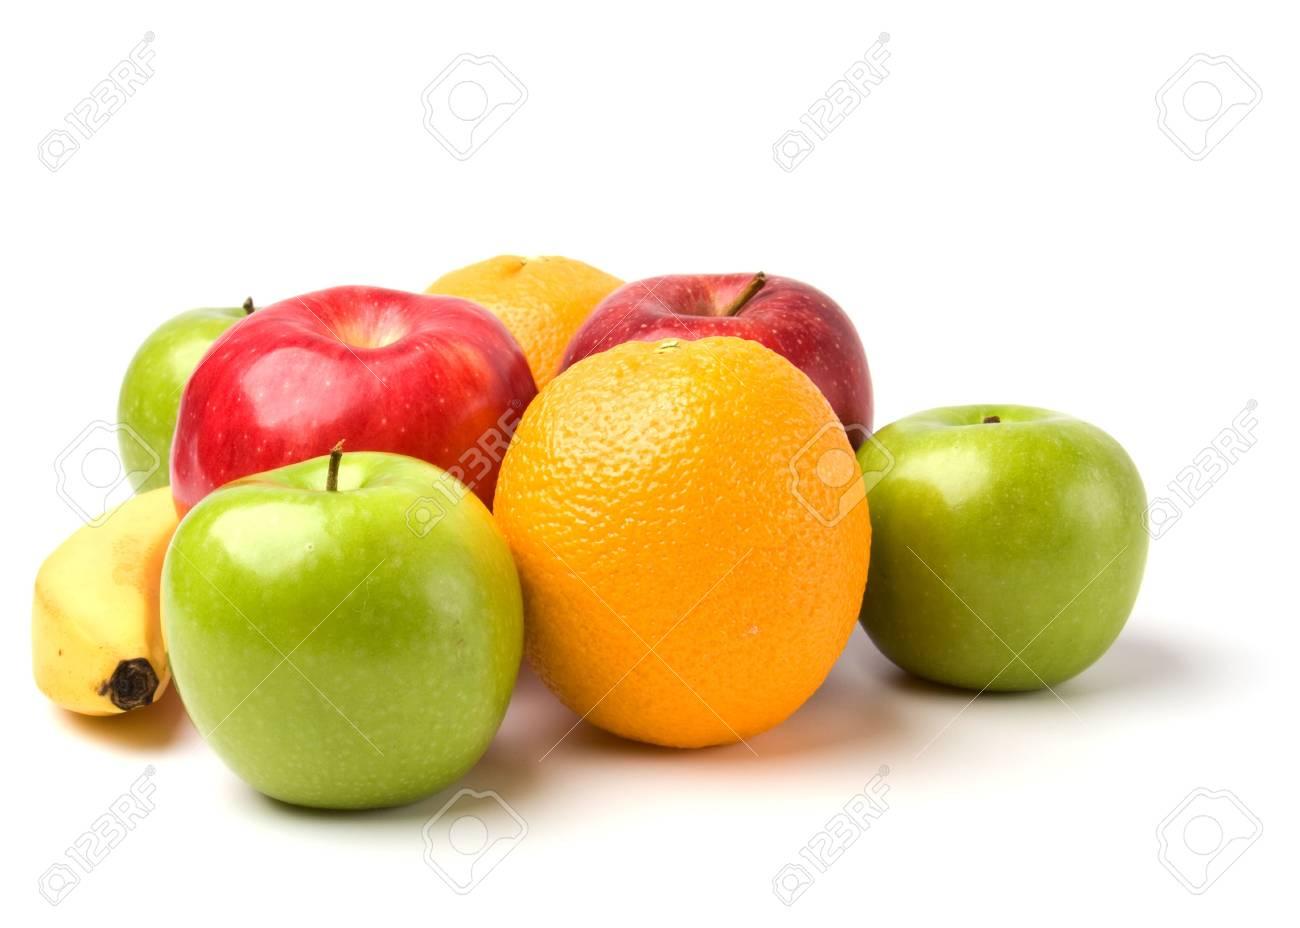 fruits isolated on white background Stock Photo - 6491690